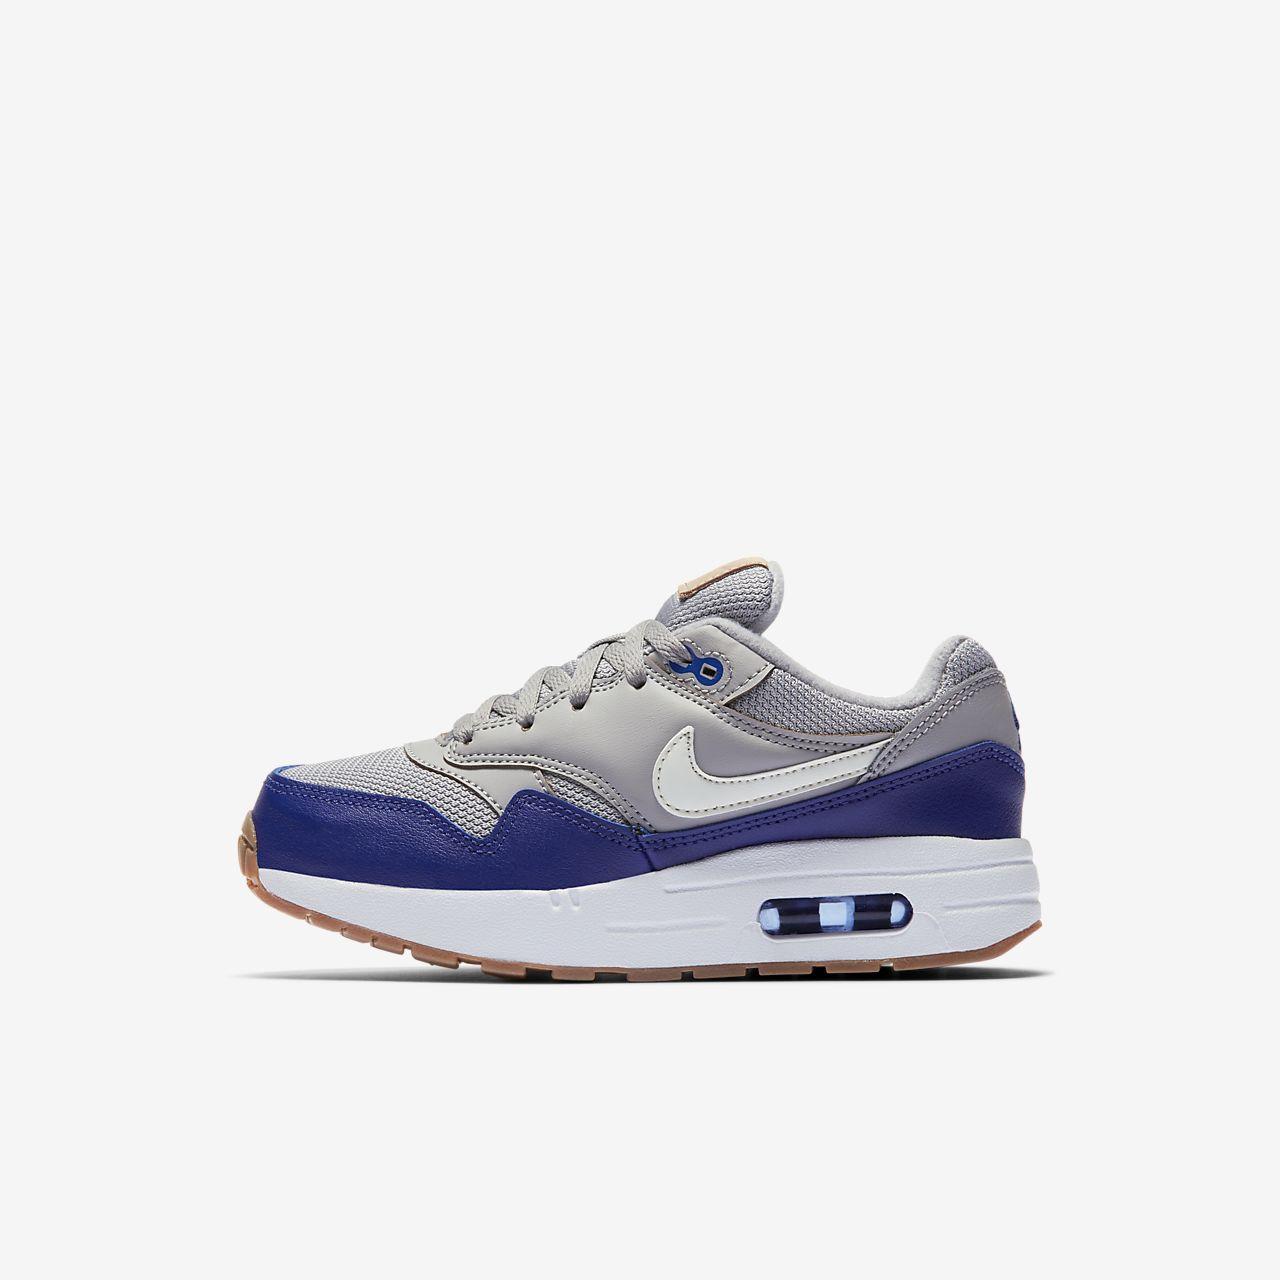 9367f3d3744 Bota Nike Air Max 1 pro malé děti. Nike.com CZ